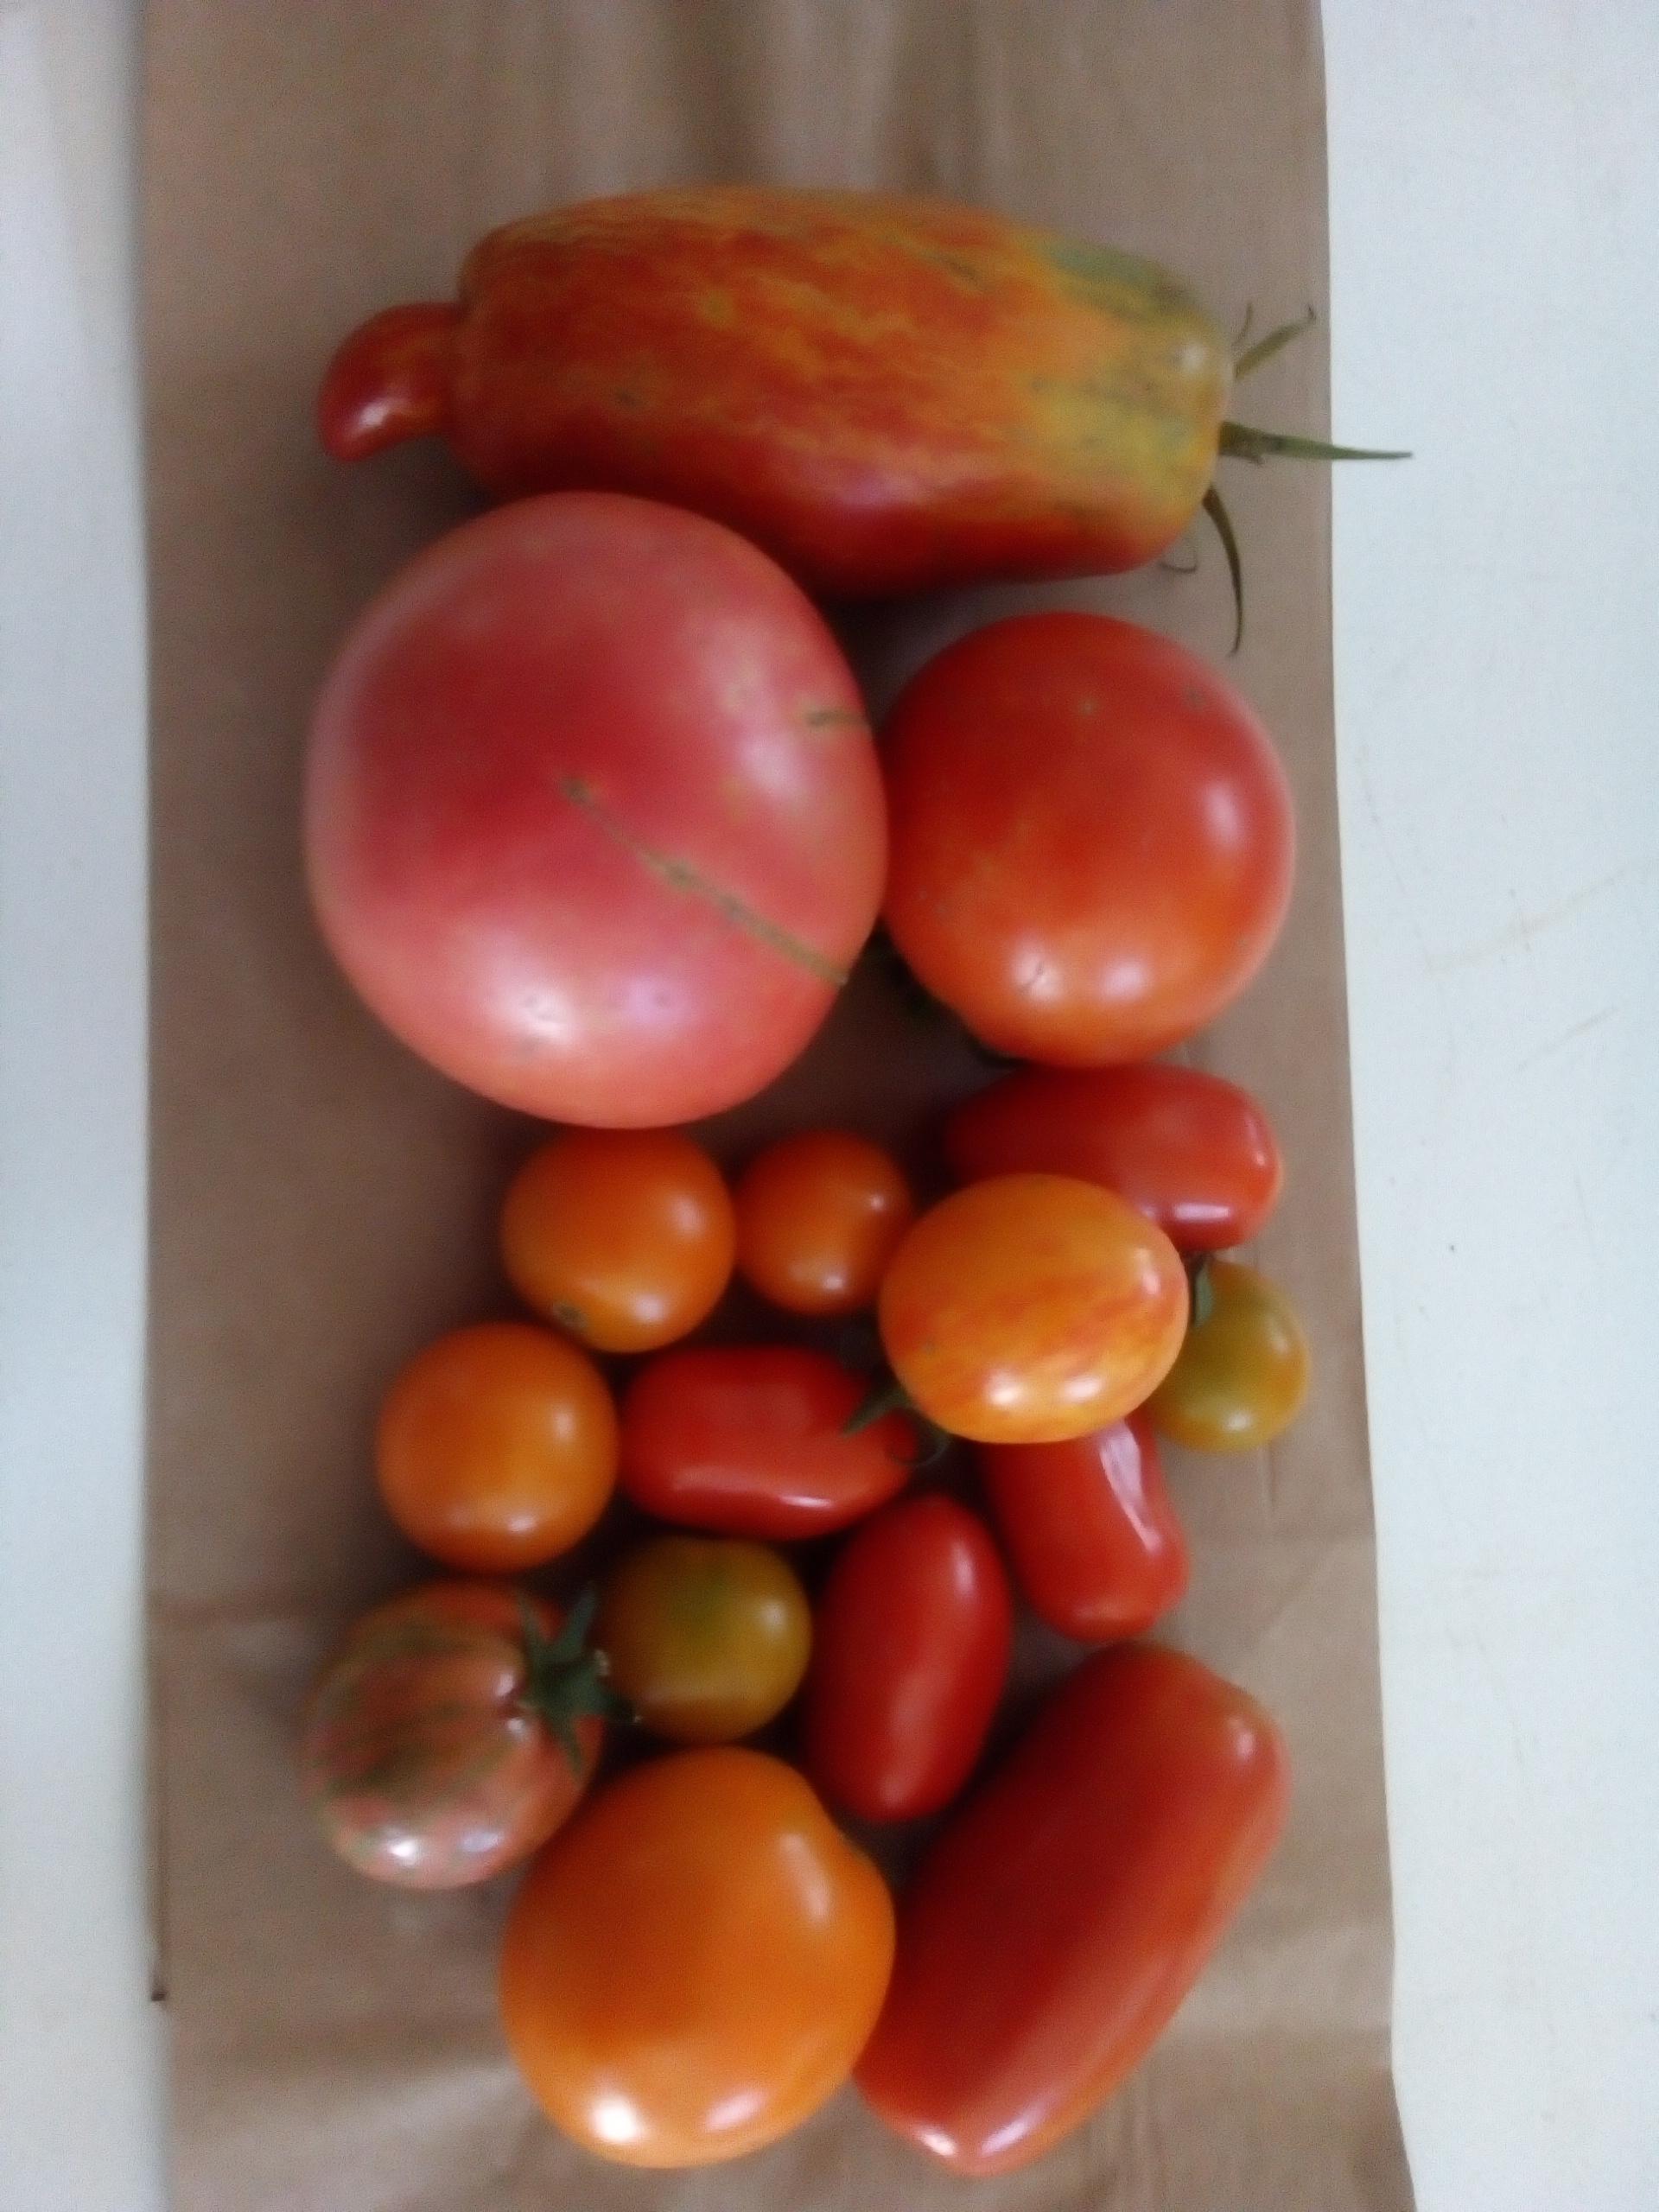 Week 9 -- Tomatoes